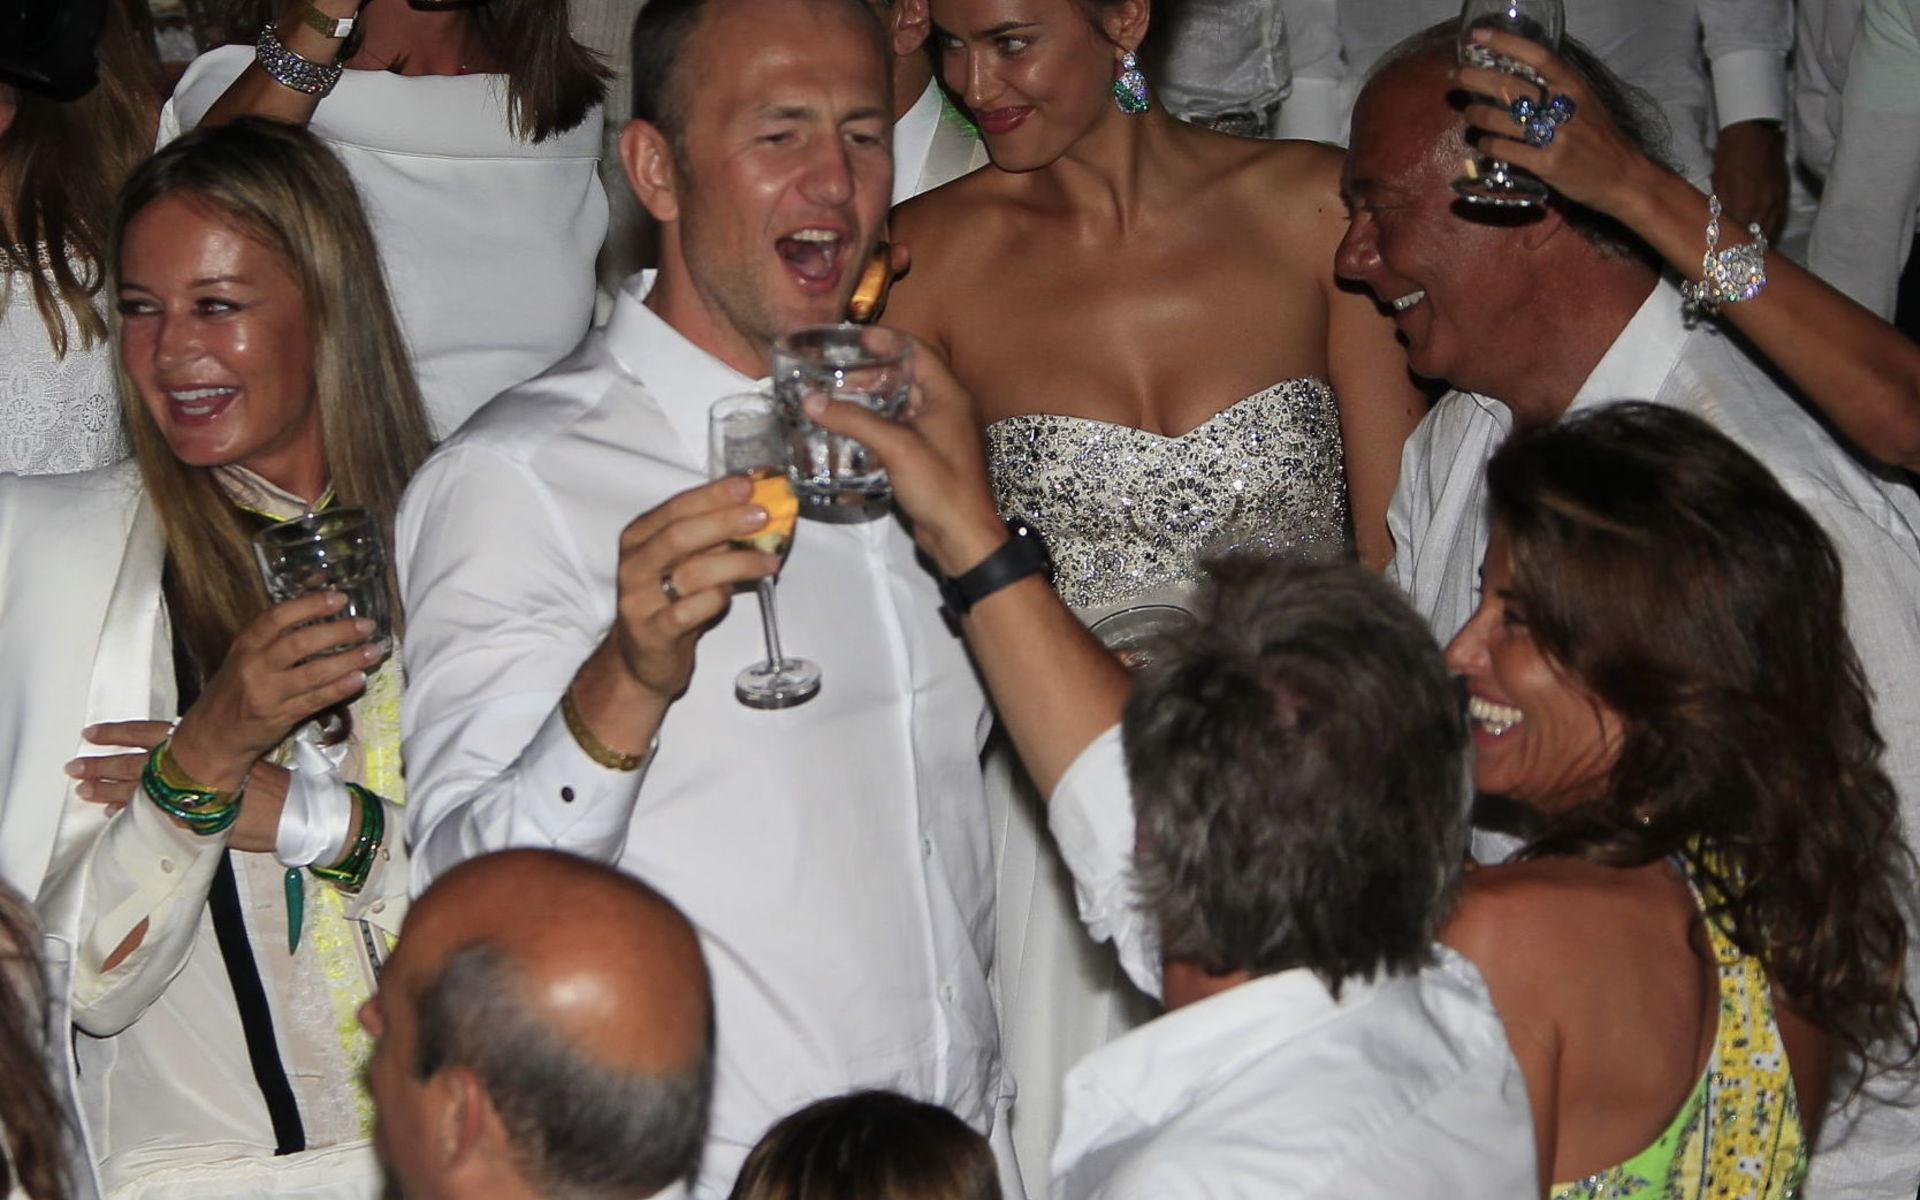 свадьба мельниченко и николич фото любимыми